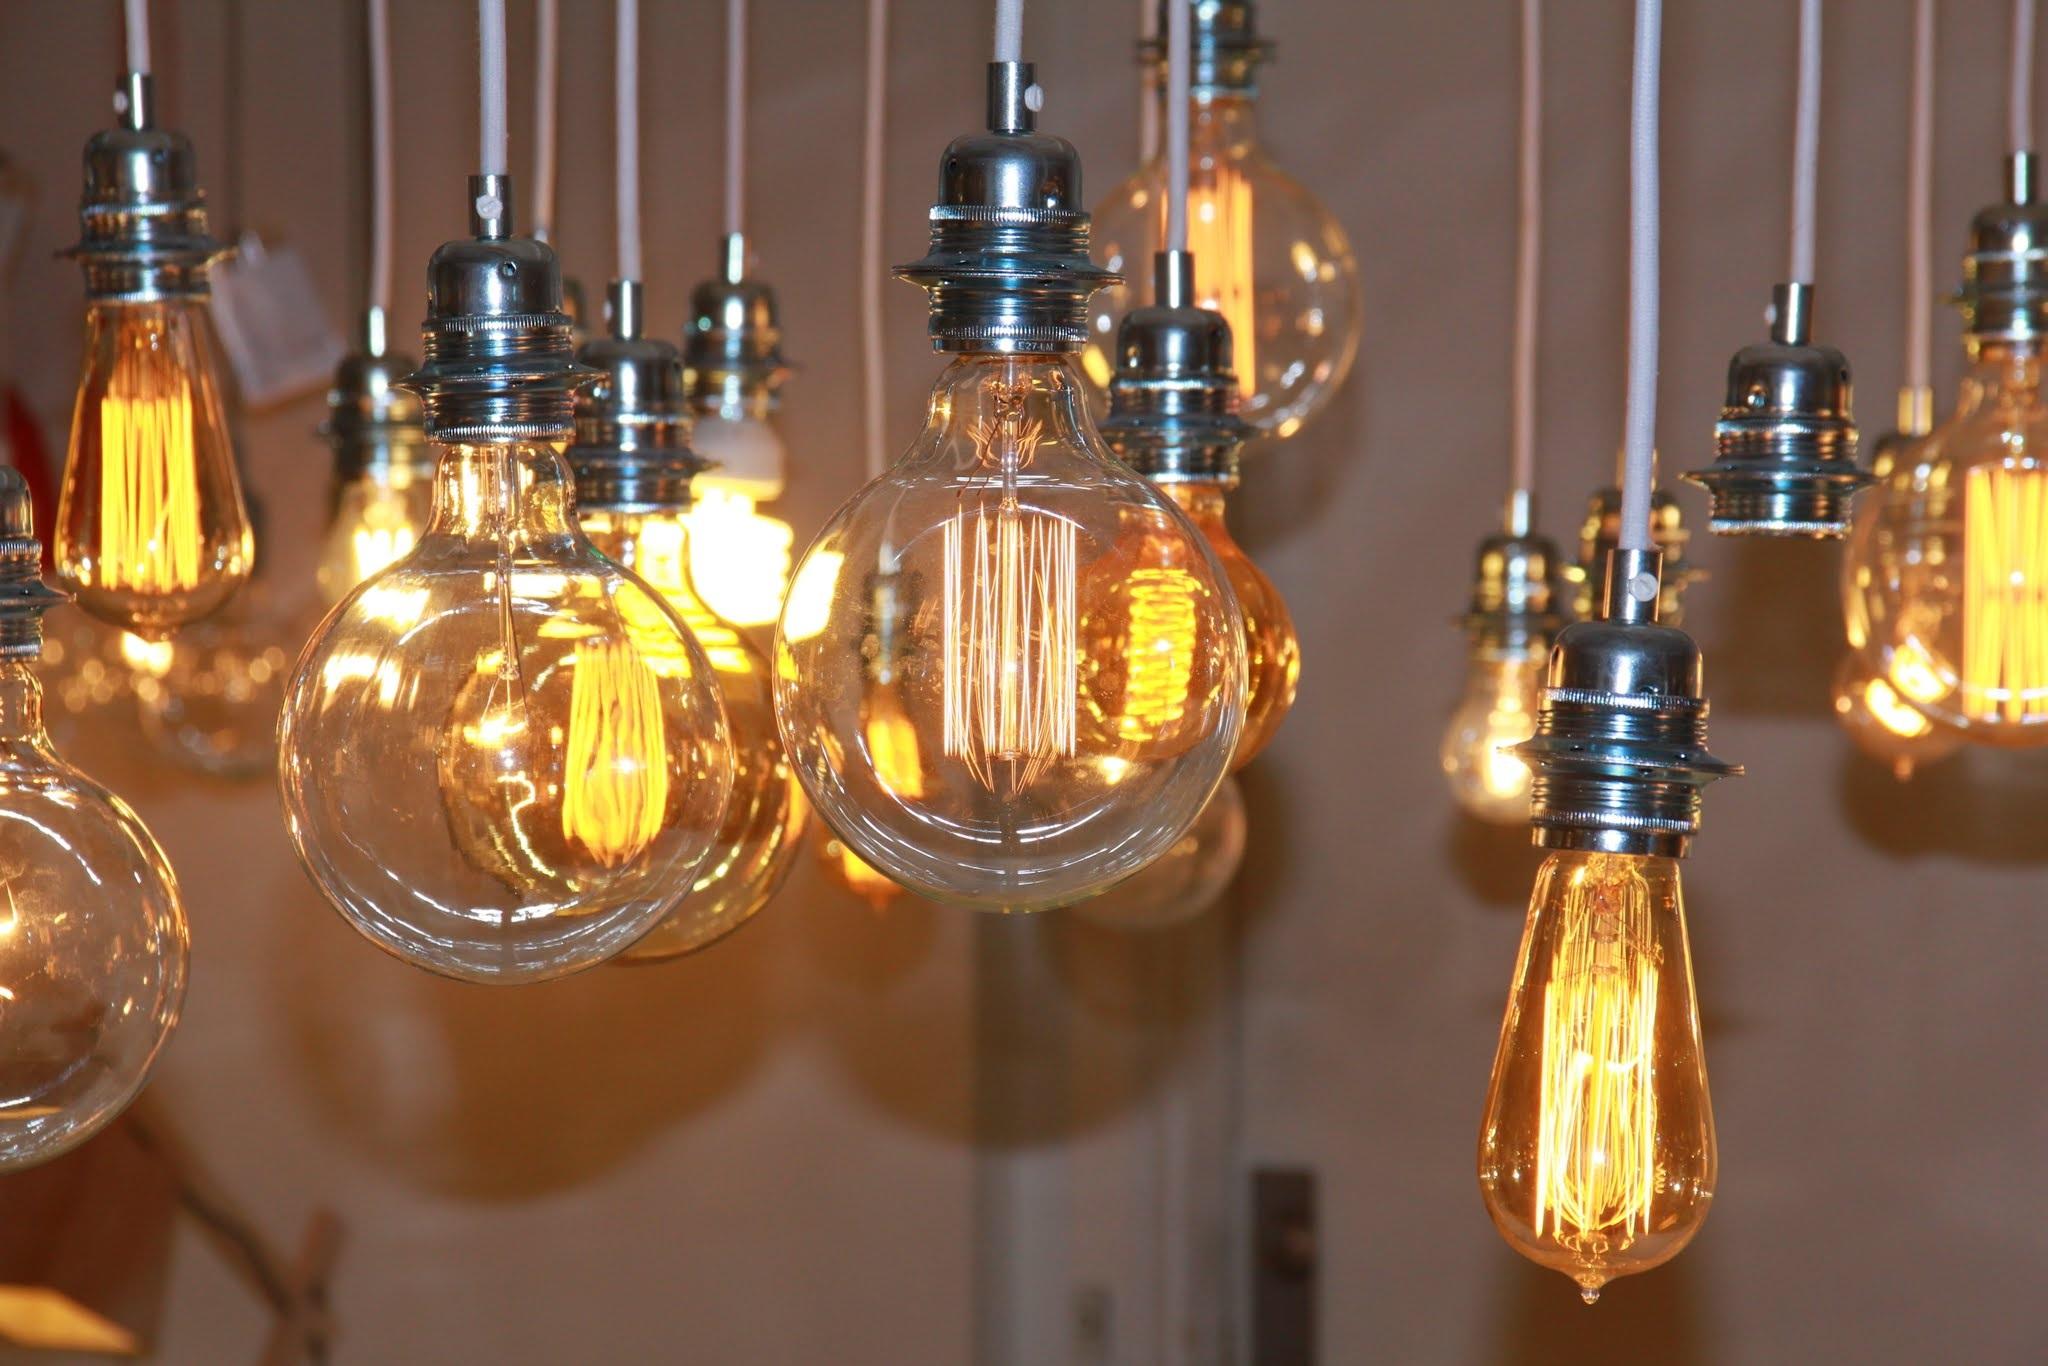 light lighting allmodern bulb caracas jonathan adler pdp chandelier